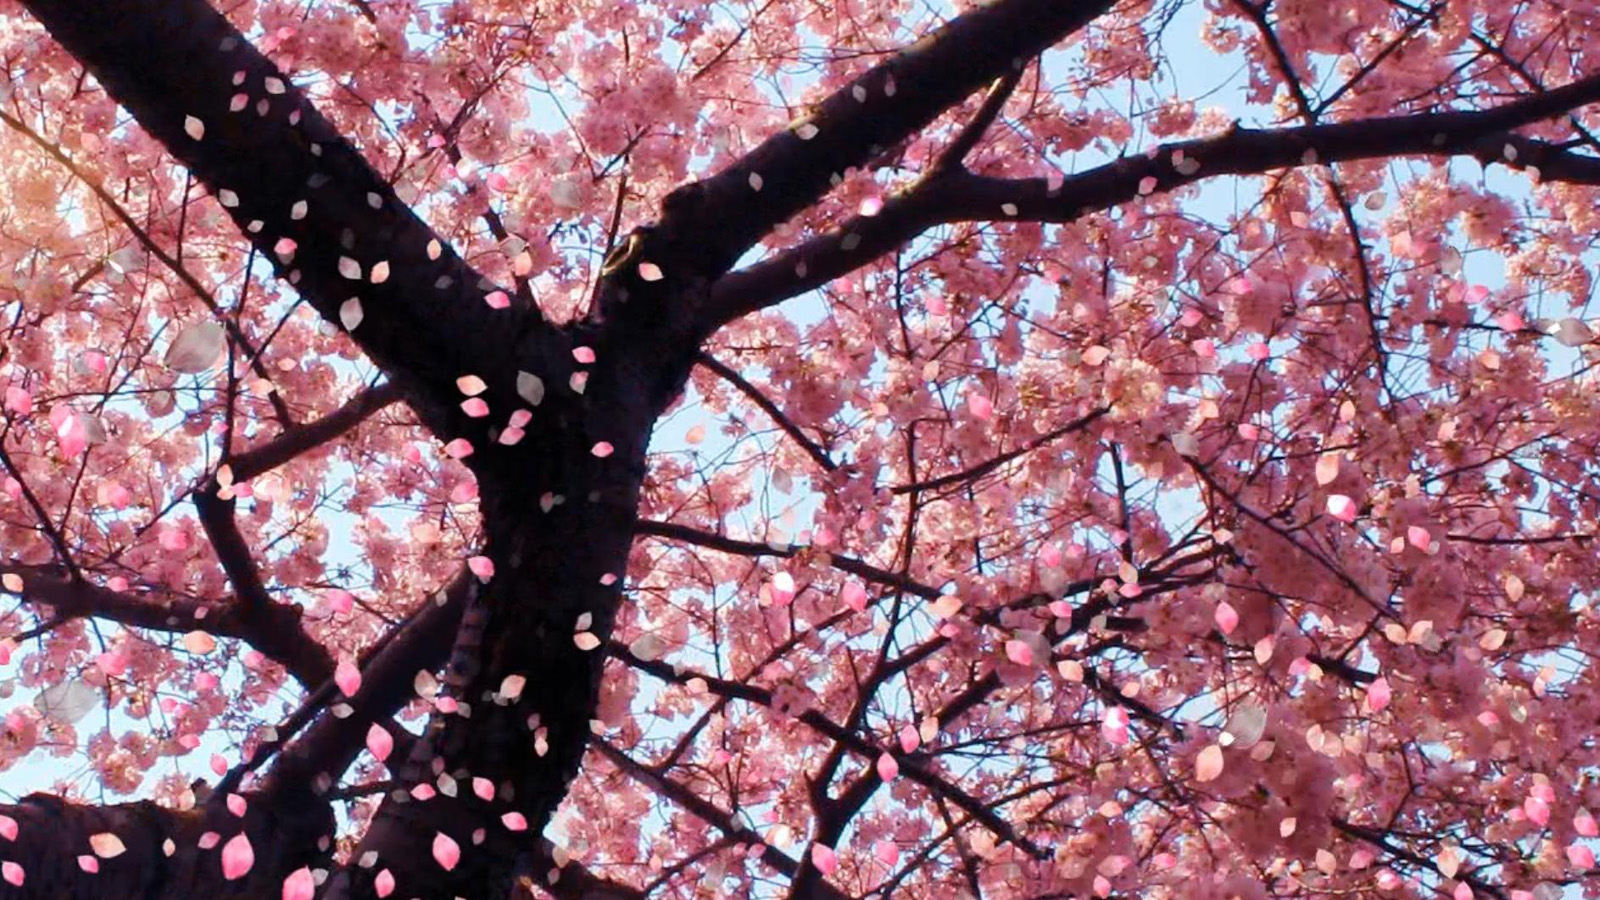 Drawn sakura blossom orchid tree Blossom wallpaper Orchid Wallpaper Cherry